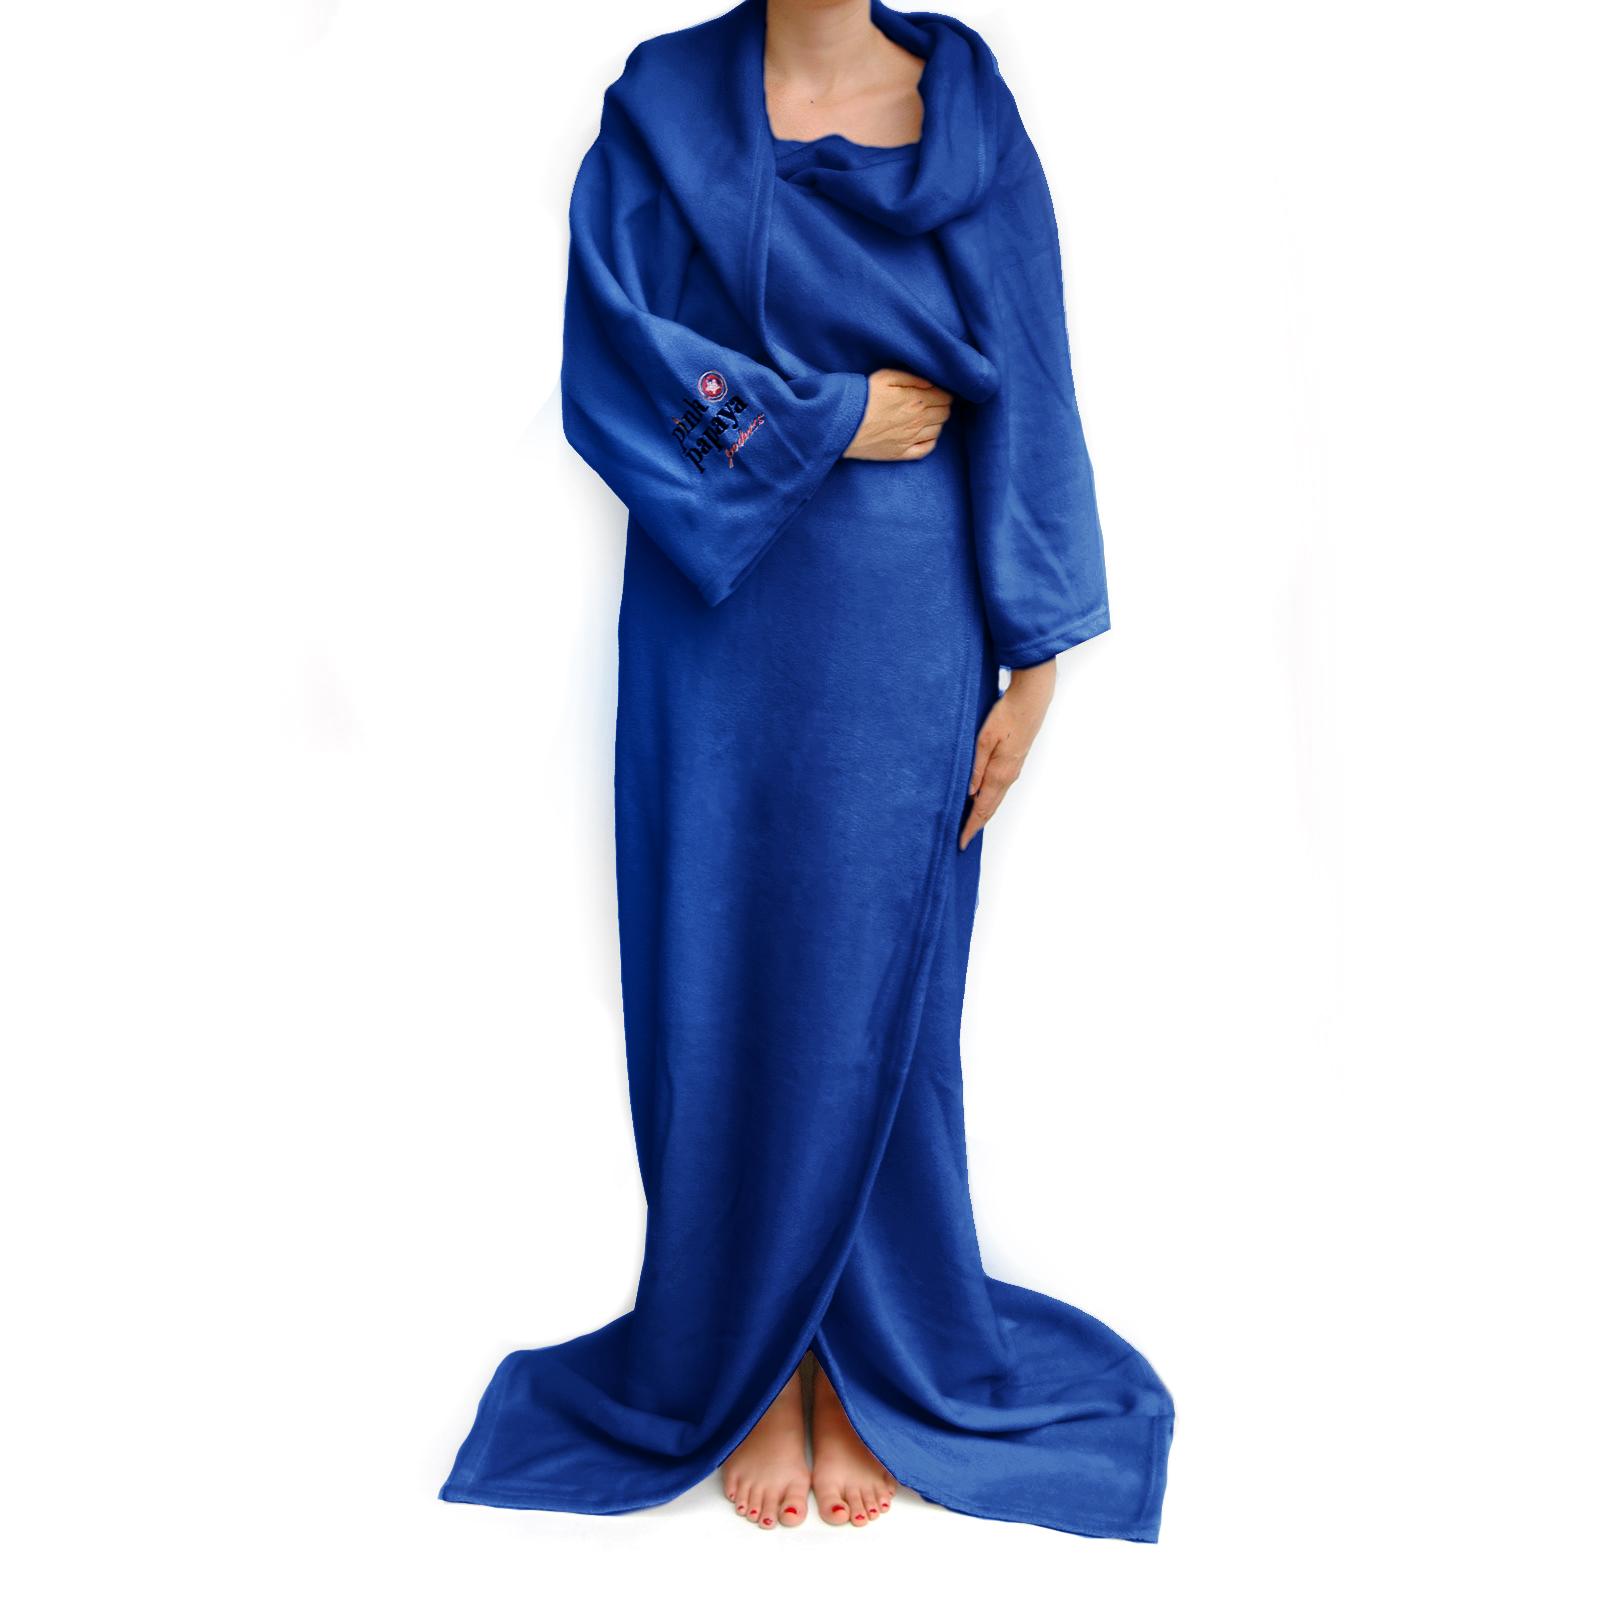 Snug Me Deluxe Dunkelblau - Coral Decke mit Ärmeln und Fußtasche